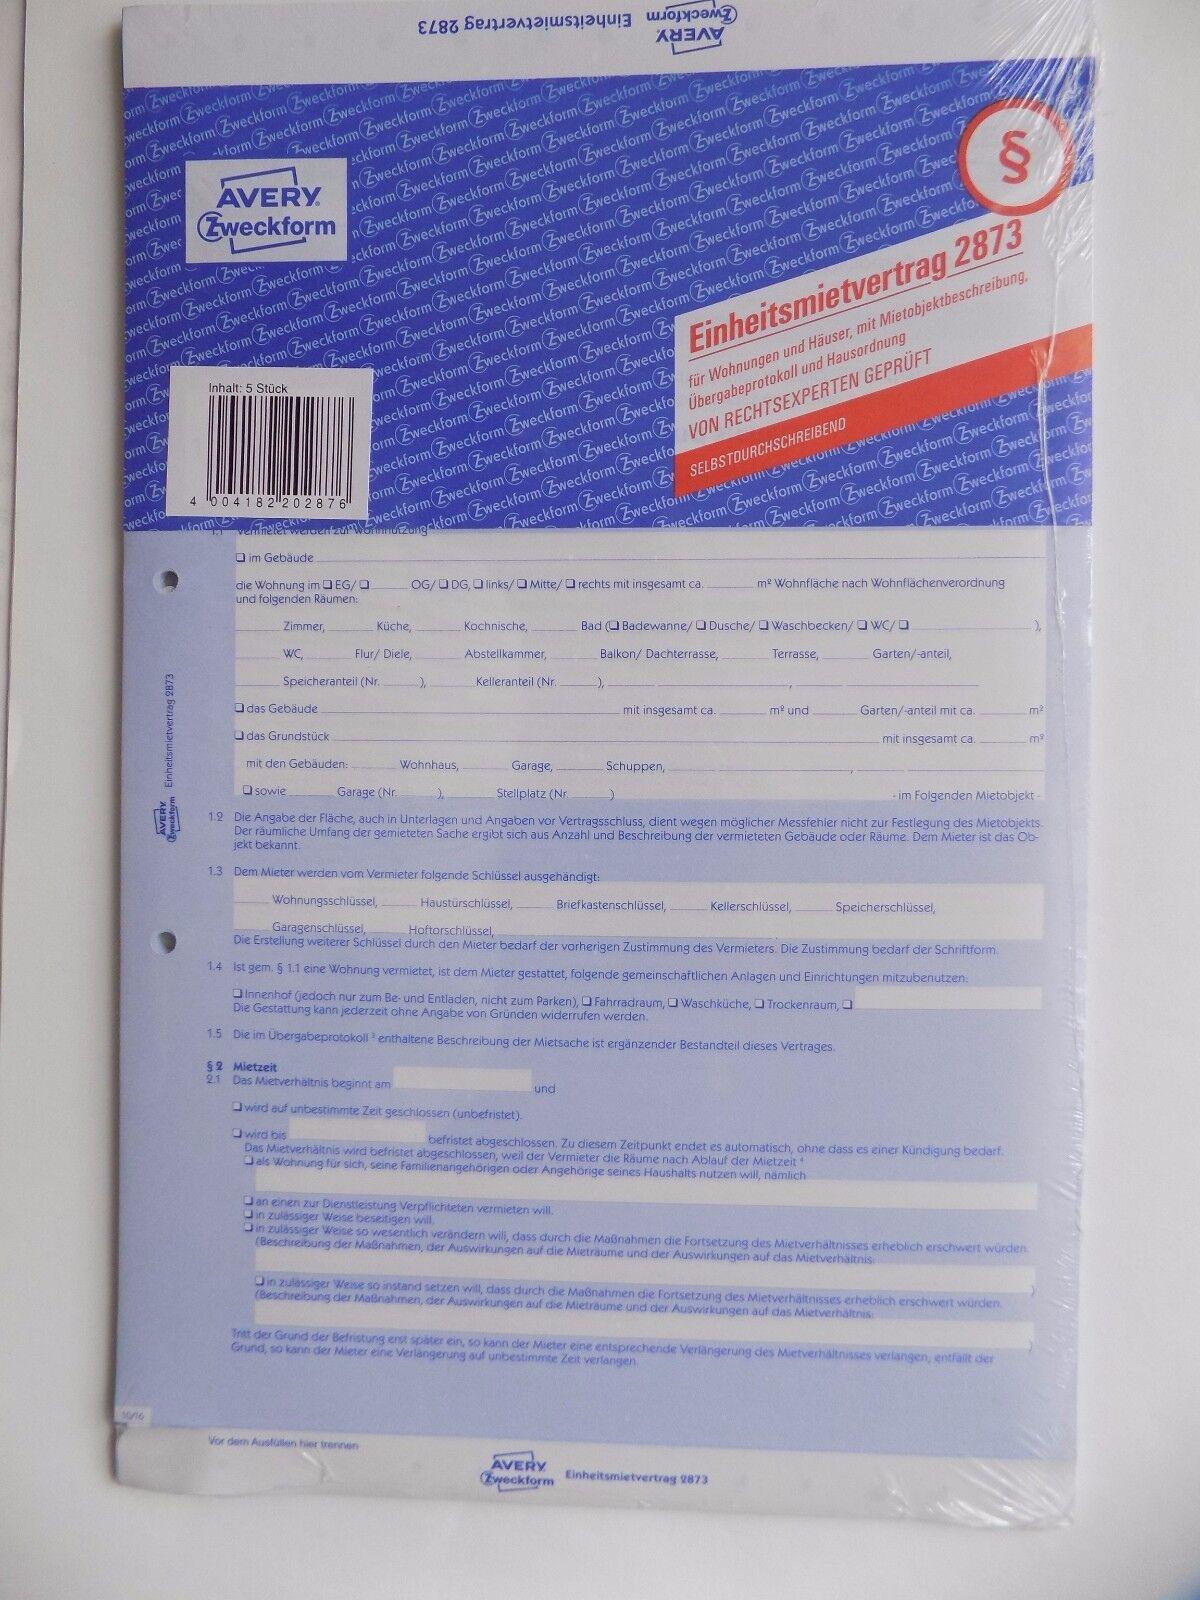 AVERY Zweckform 2873 5-fach Einheitsmietvertrag für Wohnungen /& Häuser 5 Stück